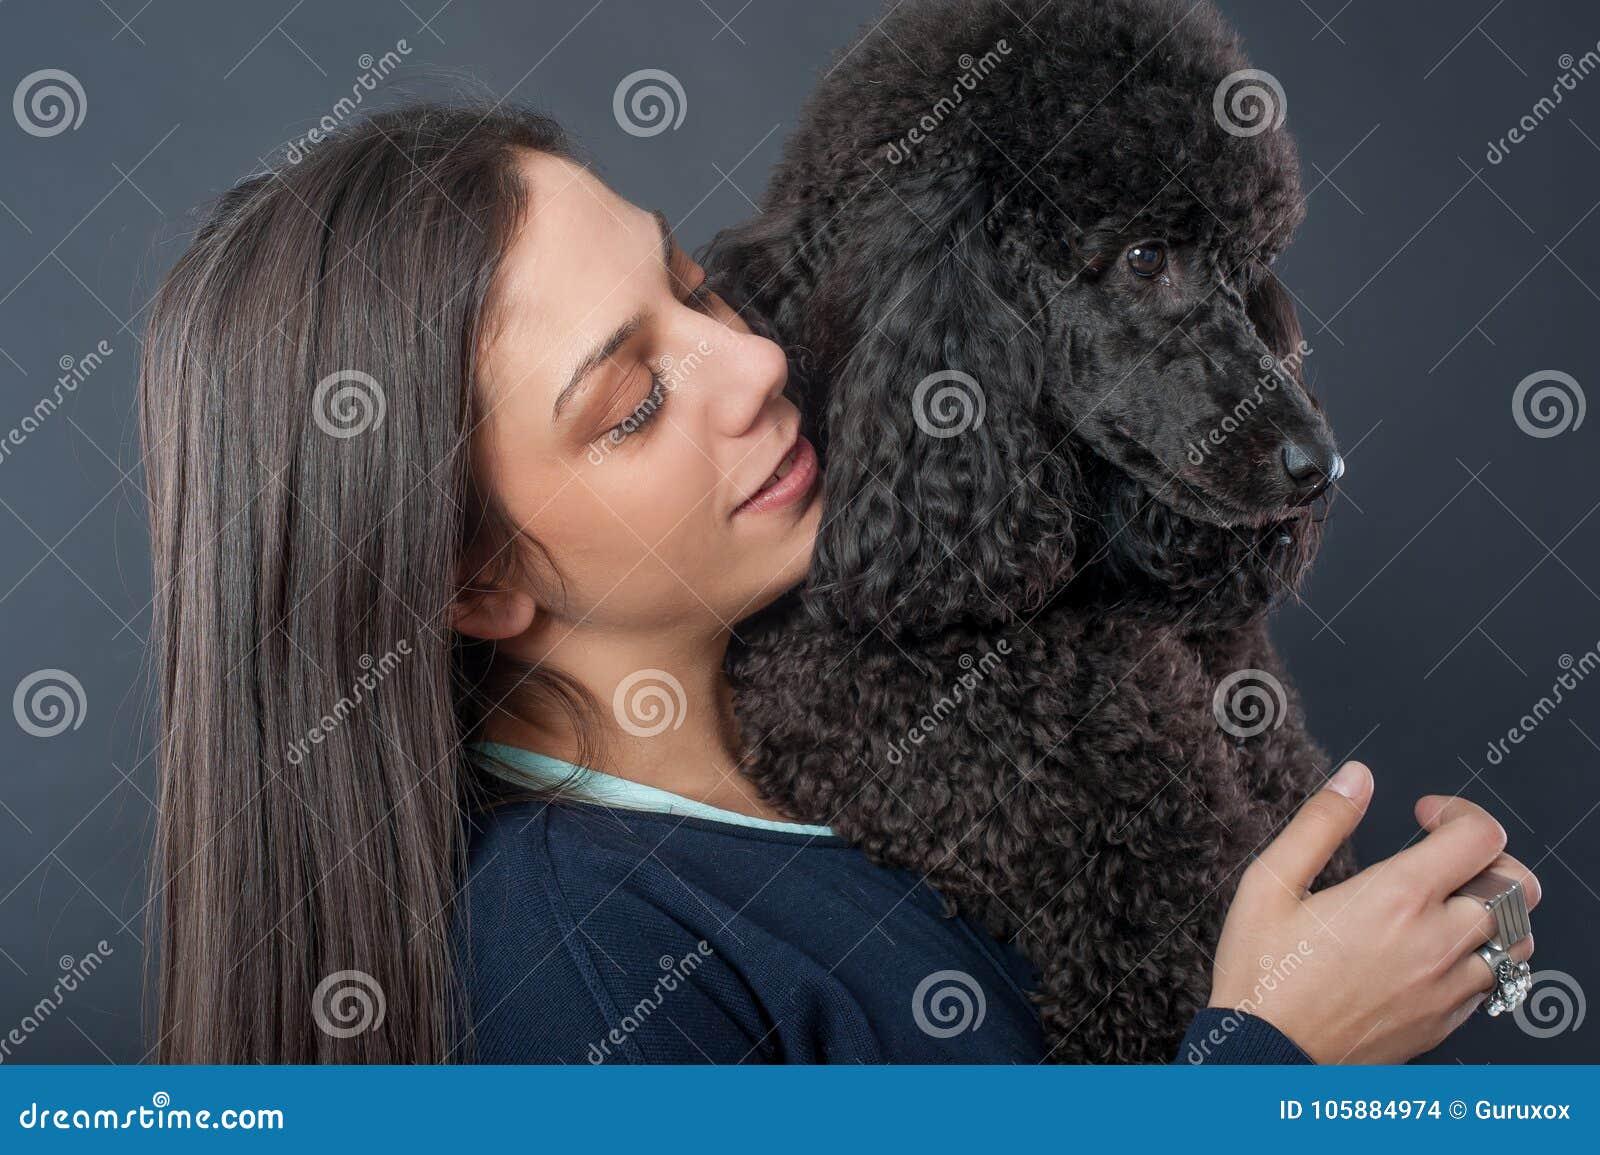 Πορτρέτο μιας όμορφης νέας γυναίκας που αγκαλιάζει το όμορφο σκυλί της